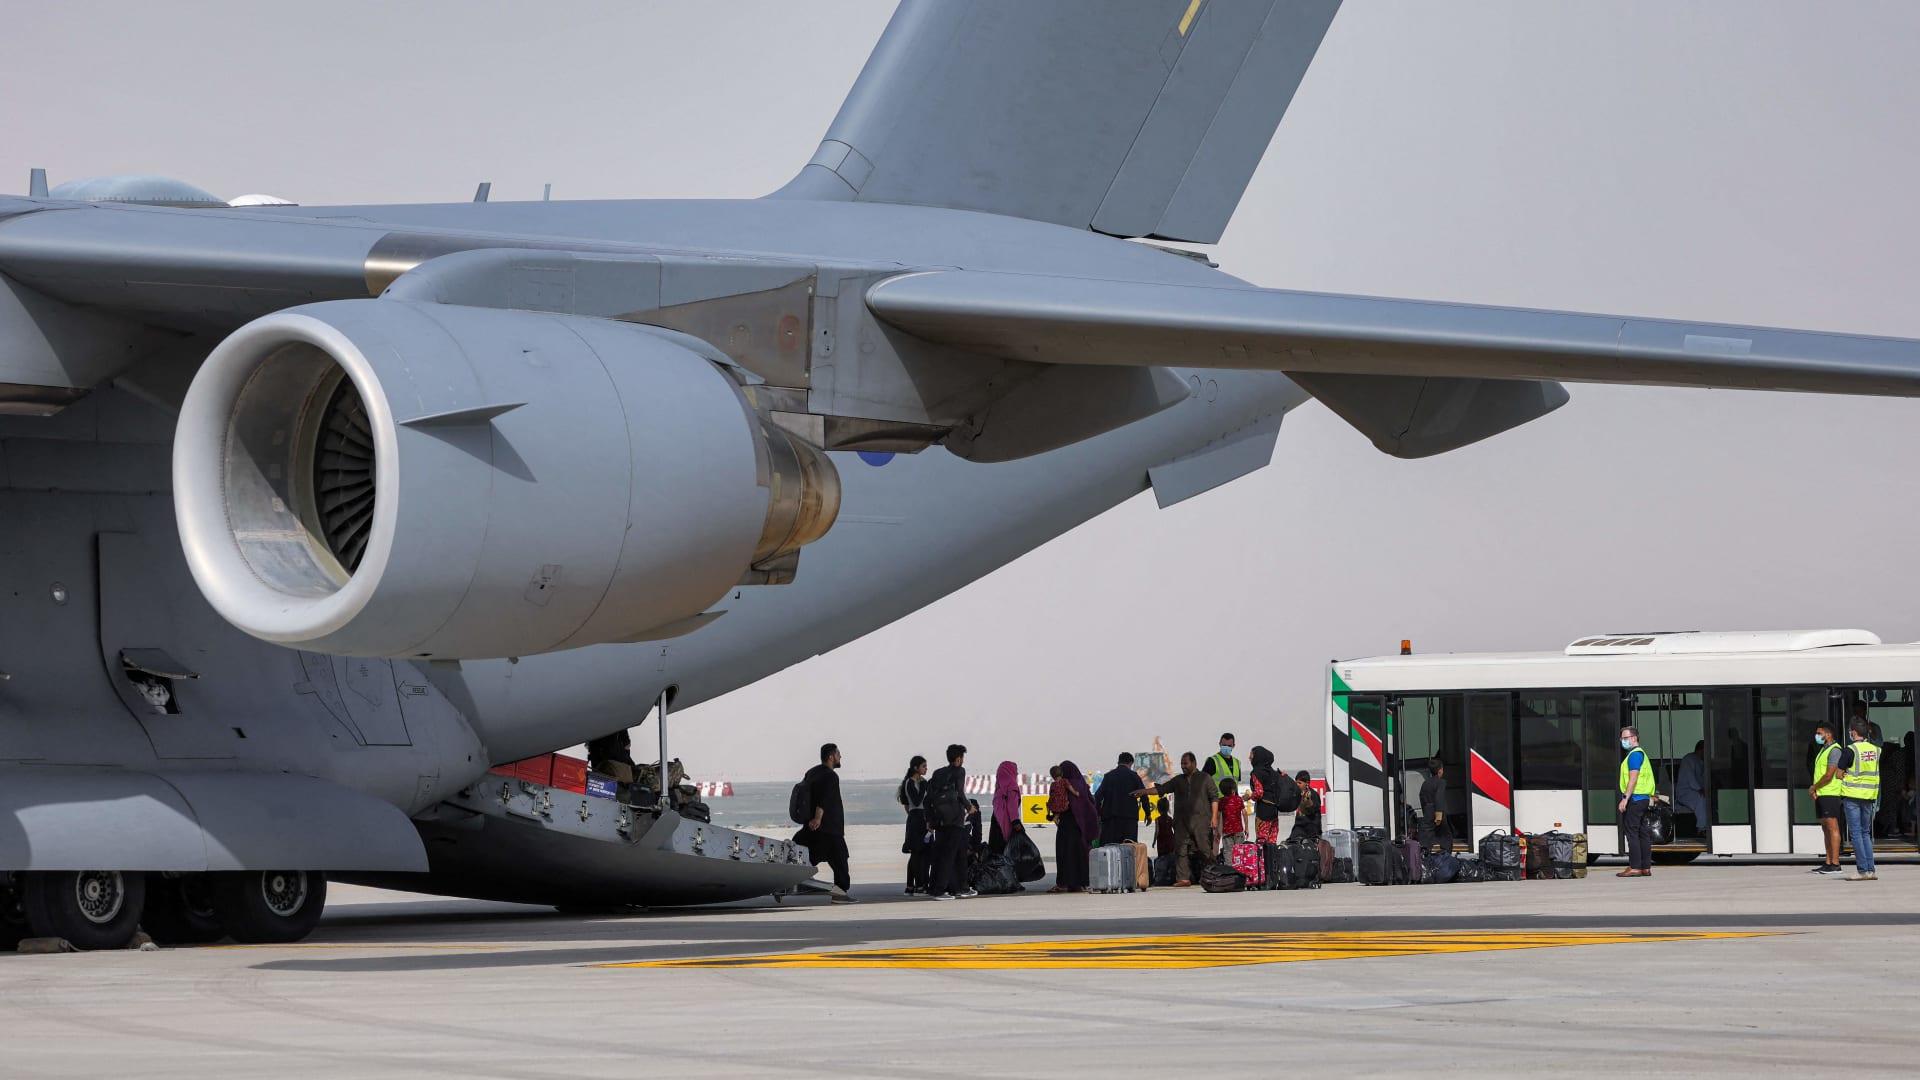 فيديو يُظهر لحظة سقوط ما يبدو أنها جثة واحدة على الأقل من طائرة عسكرية أمريكية تغادر مطار كابول